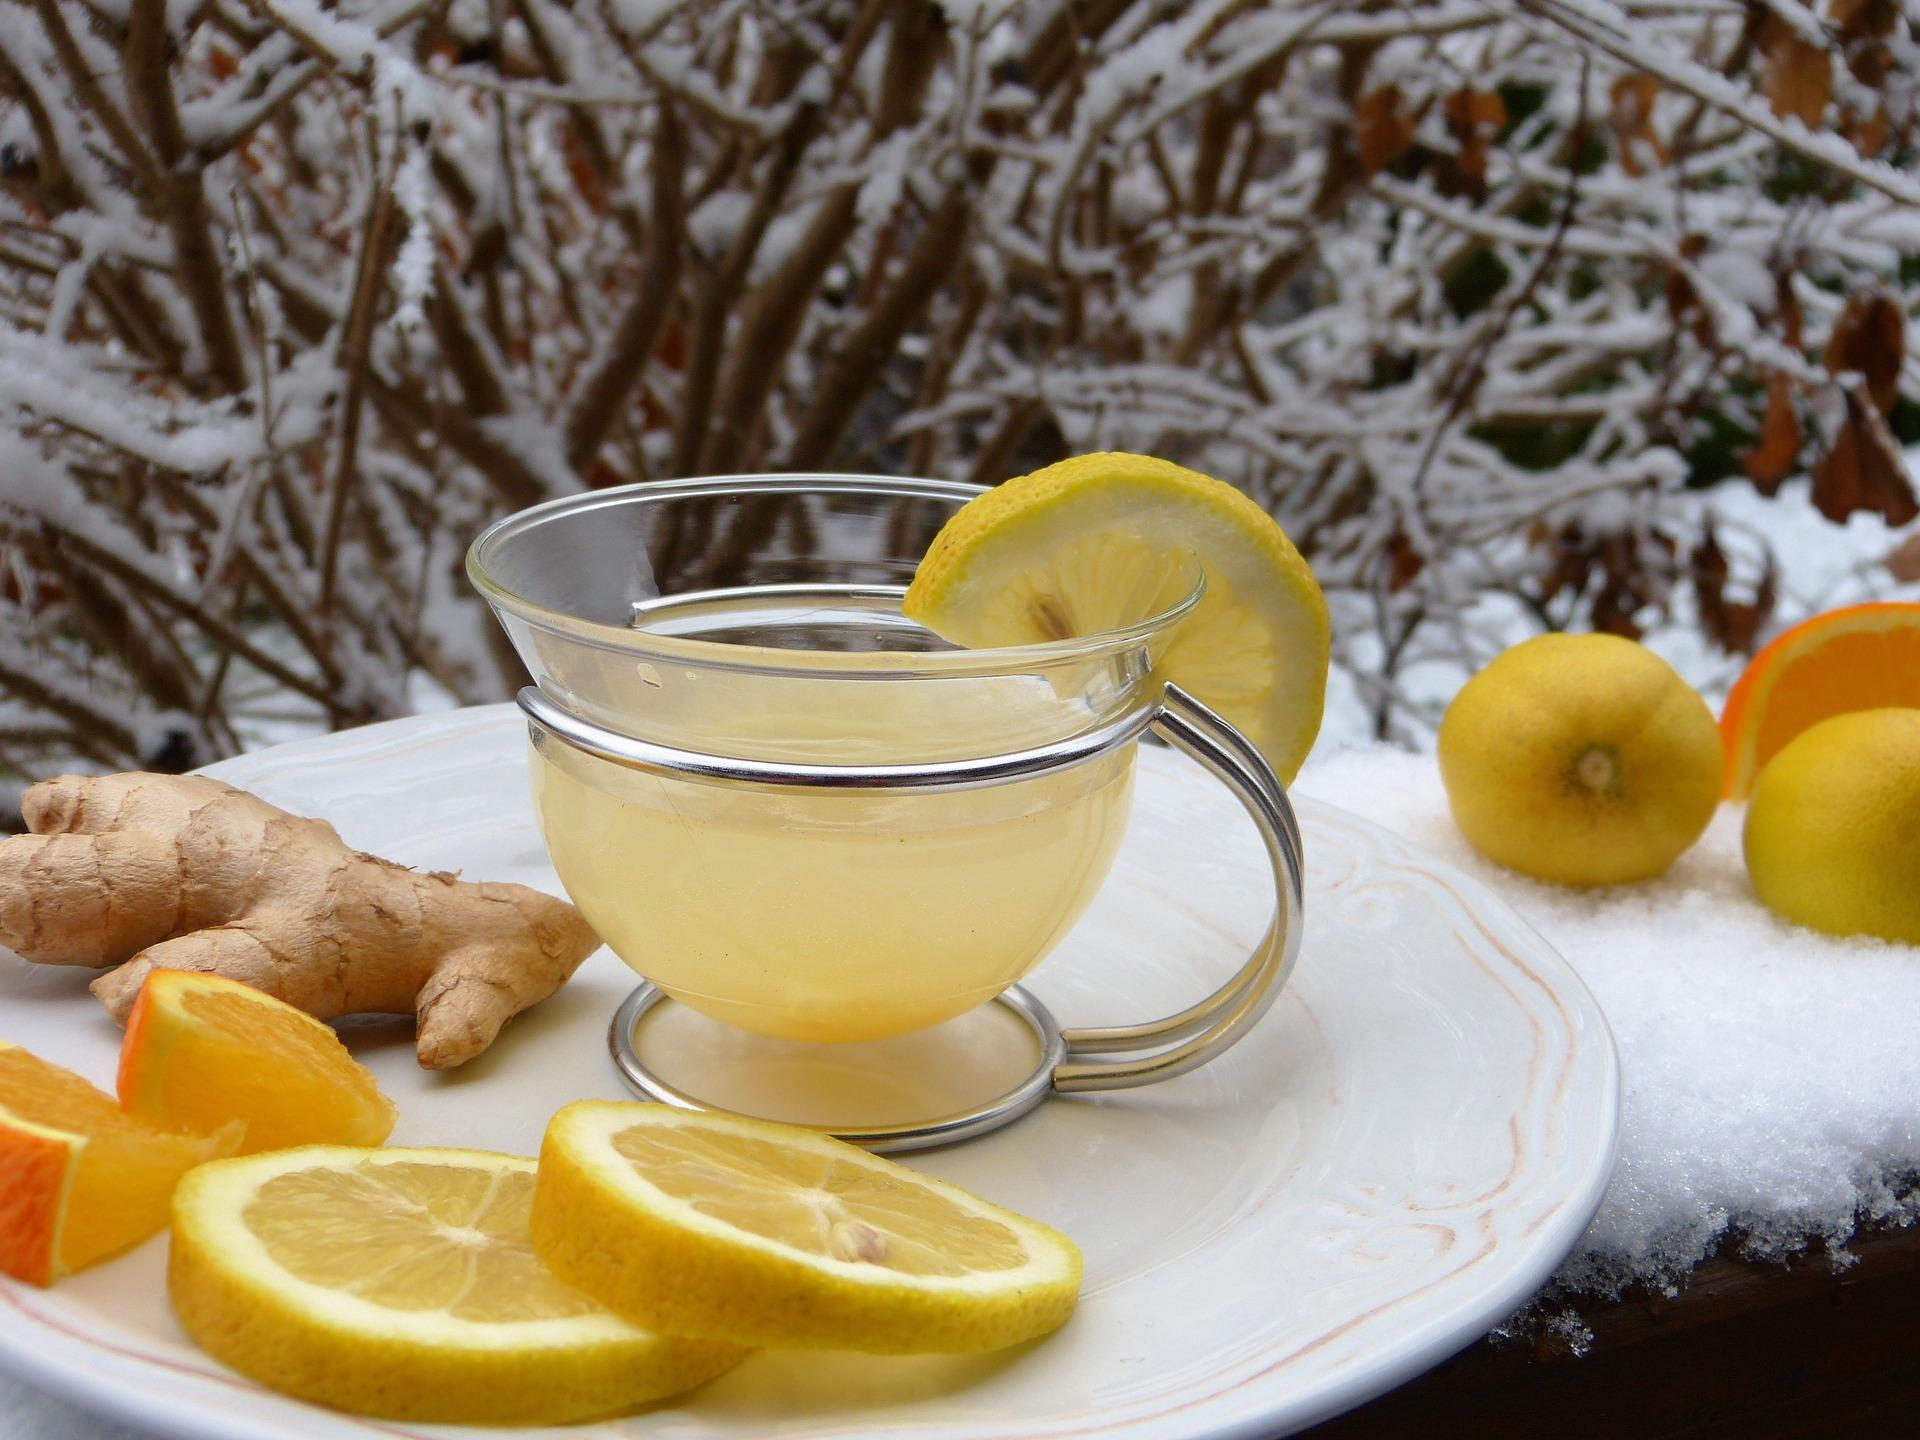 5 dicas para evitar gripes e resfriados nesse inverno